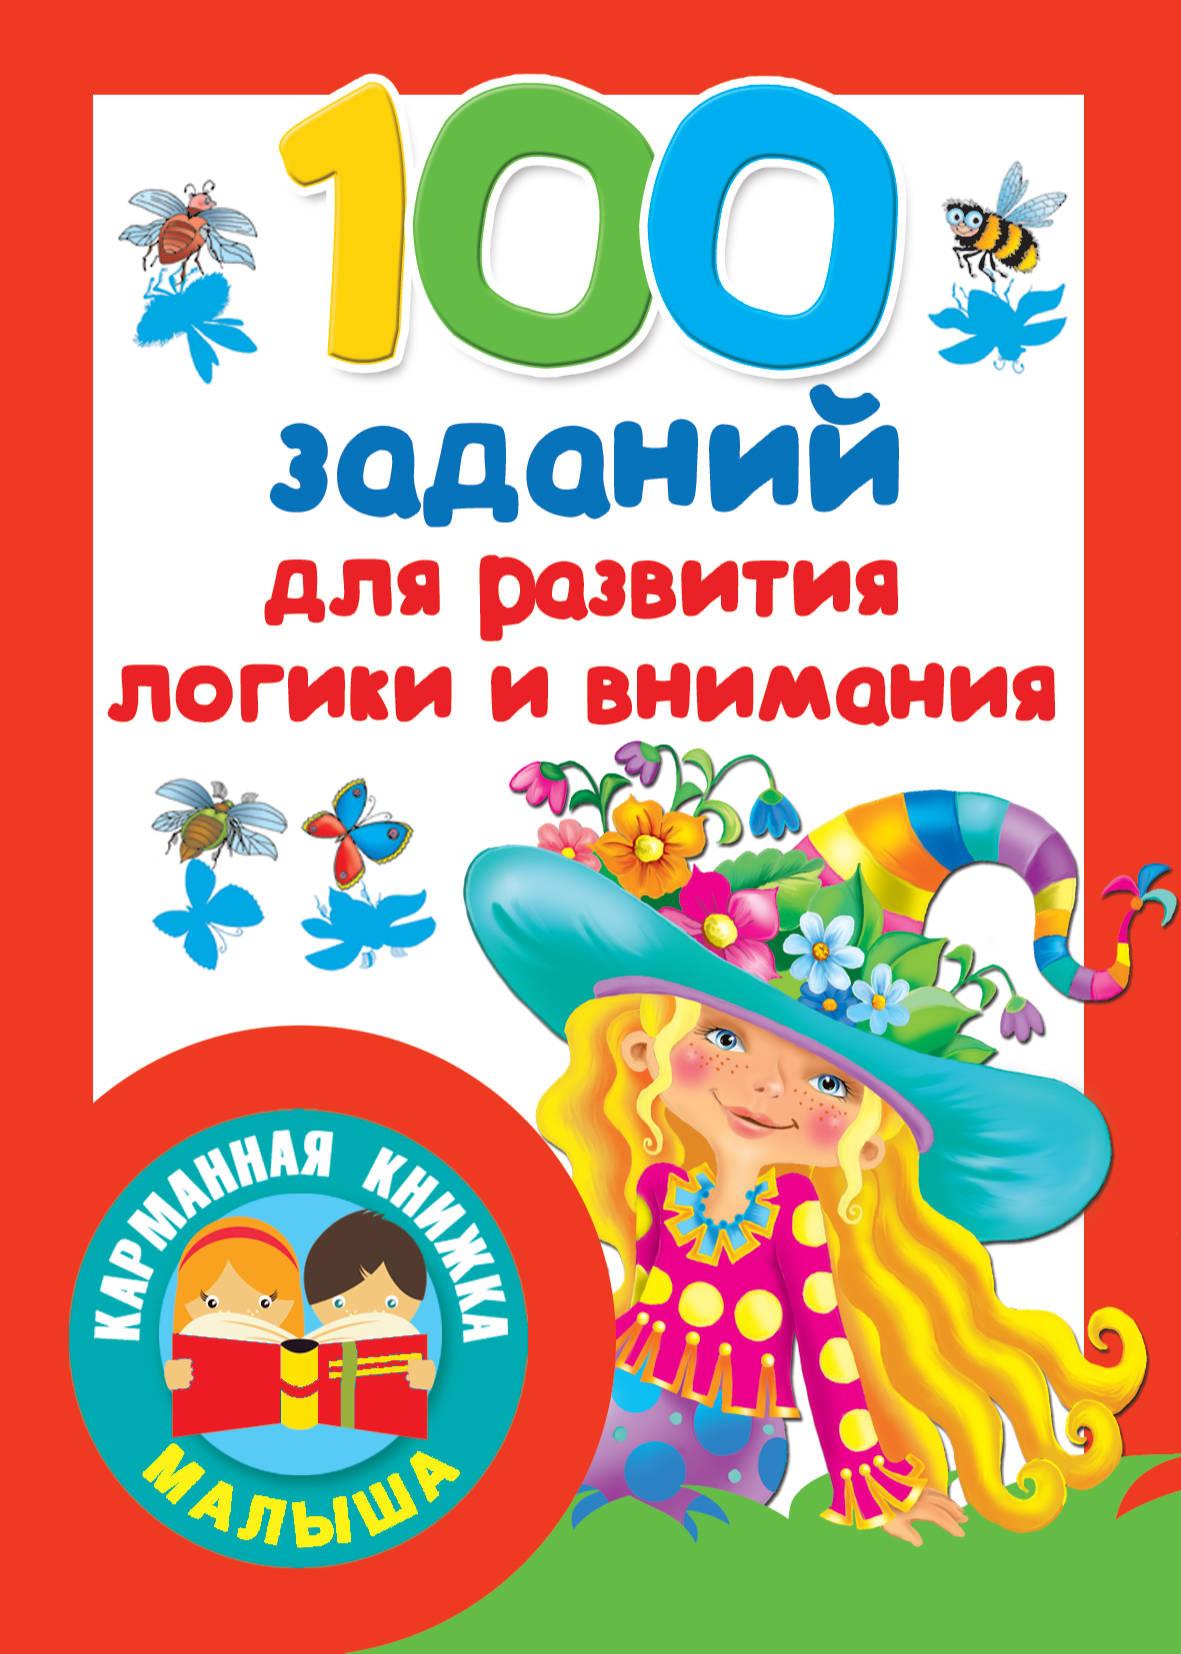 Дмитриева В.Г., Двинина Л.В., Горбунова И.В. 100 заданий для развития логики и внимания цены